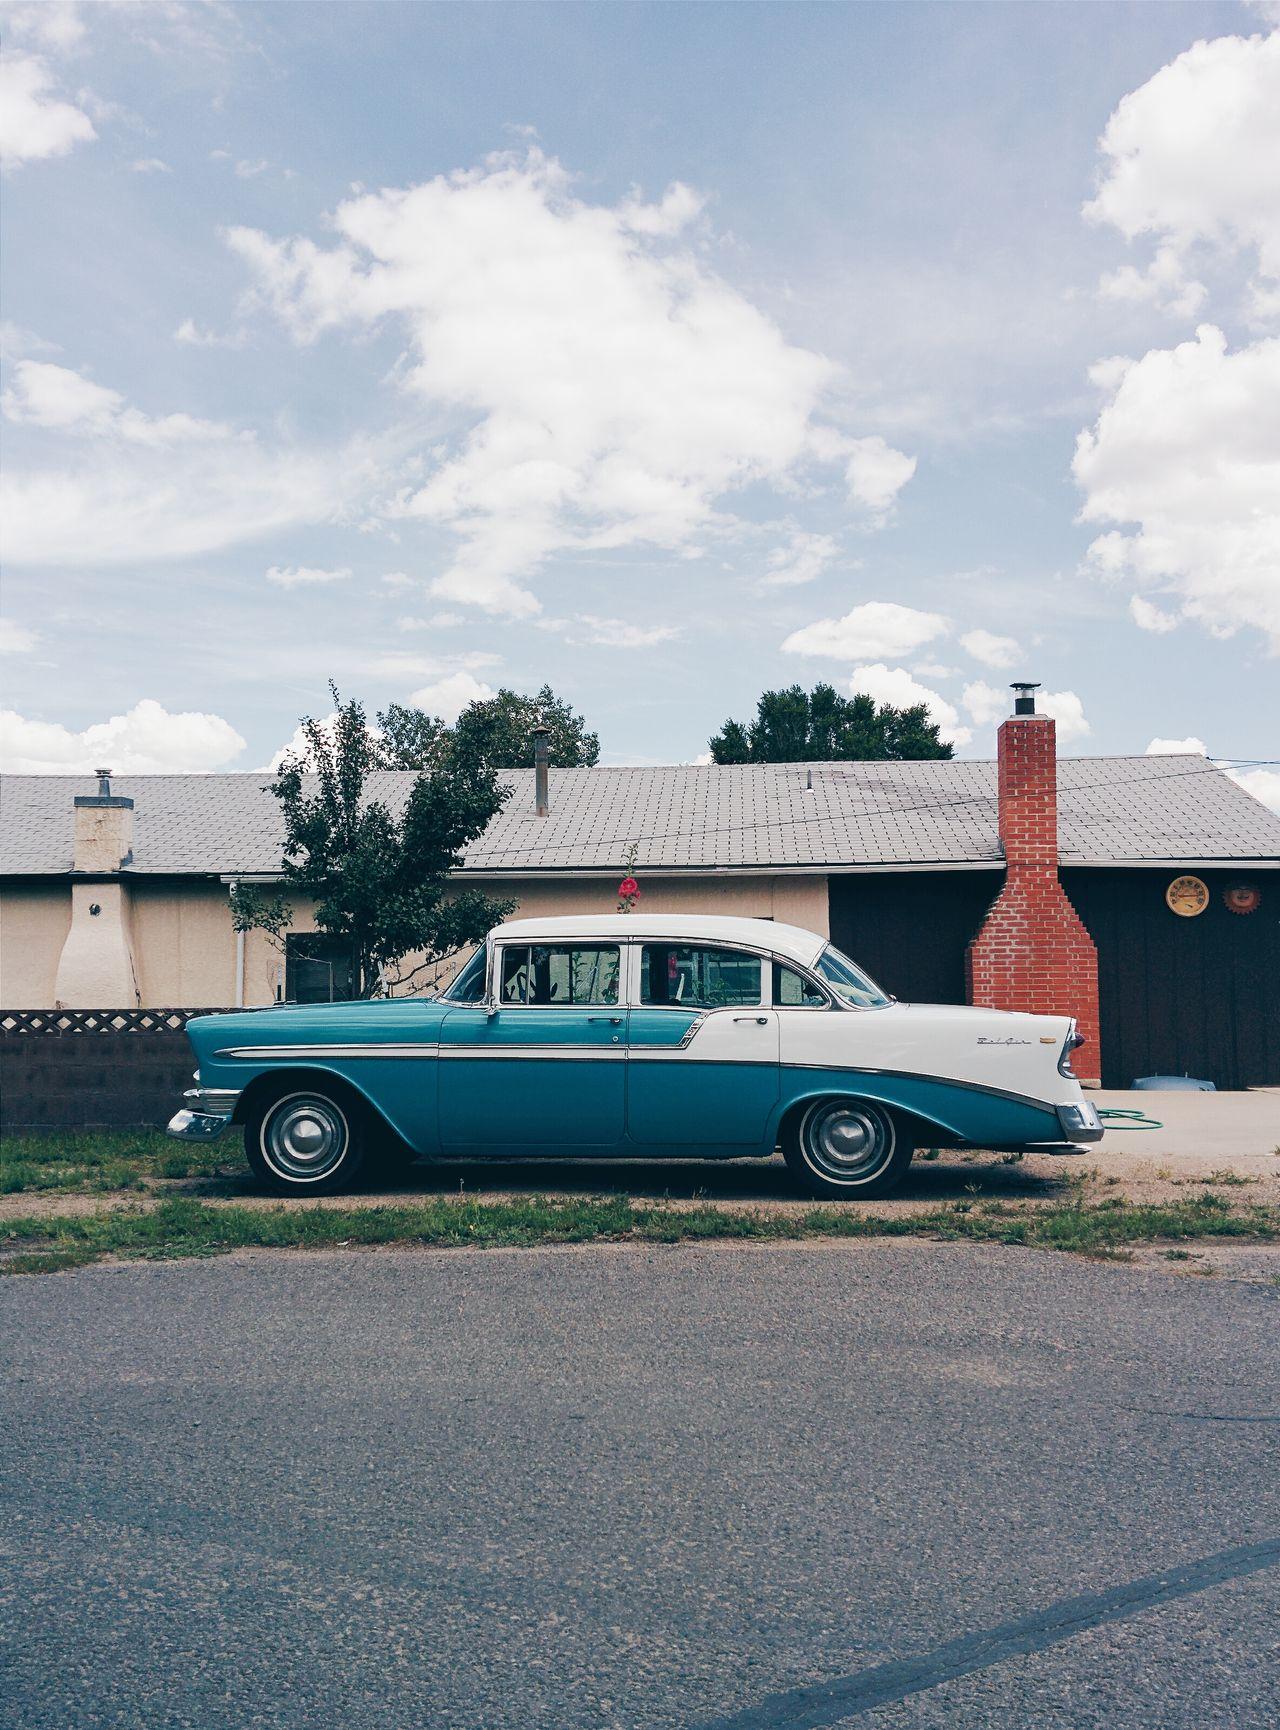 Beautiful stock photos of car, Building Exterior, Car, Day, House